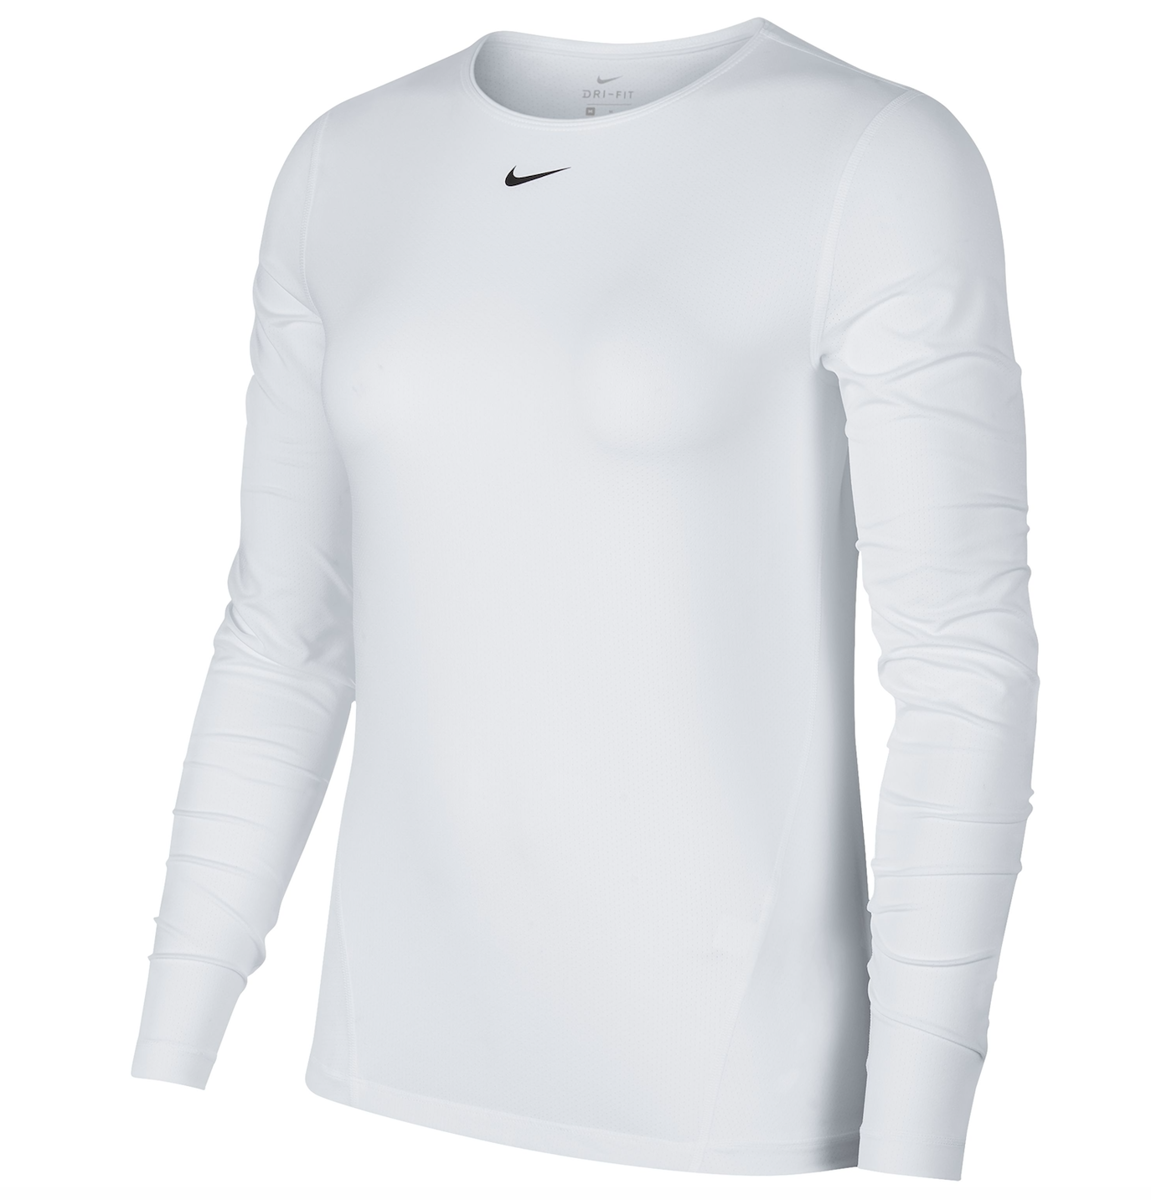 Bilde av Nike W top LS  Mesh AO9949-100